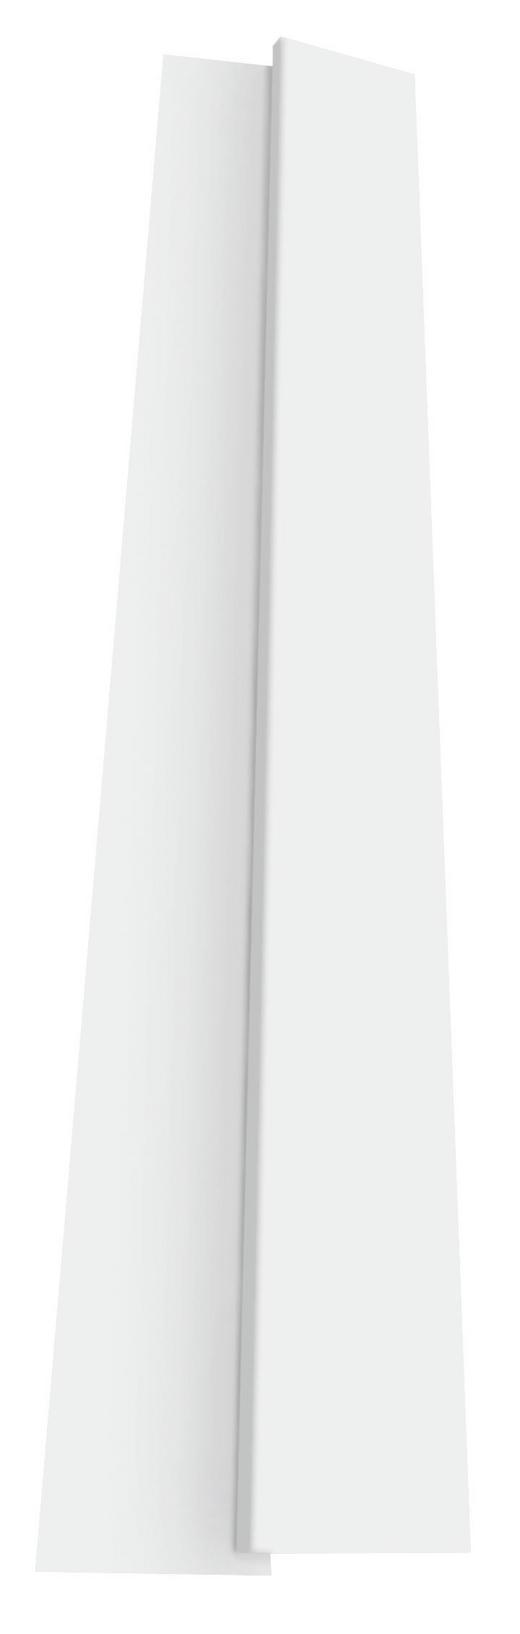 UMBAUSEITEN Isolde/Matteo Weiß - Weiß, Basics (140/15/2cm) - JIMMYLEE